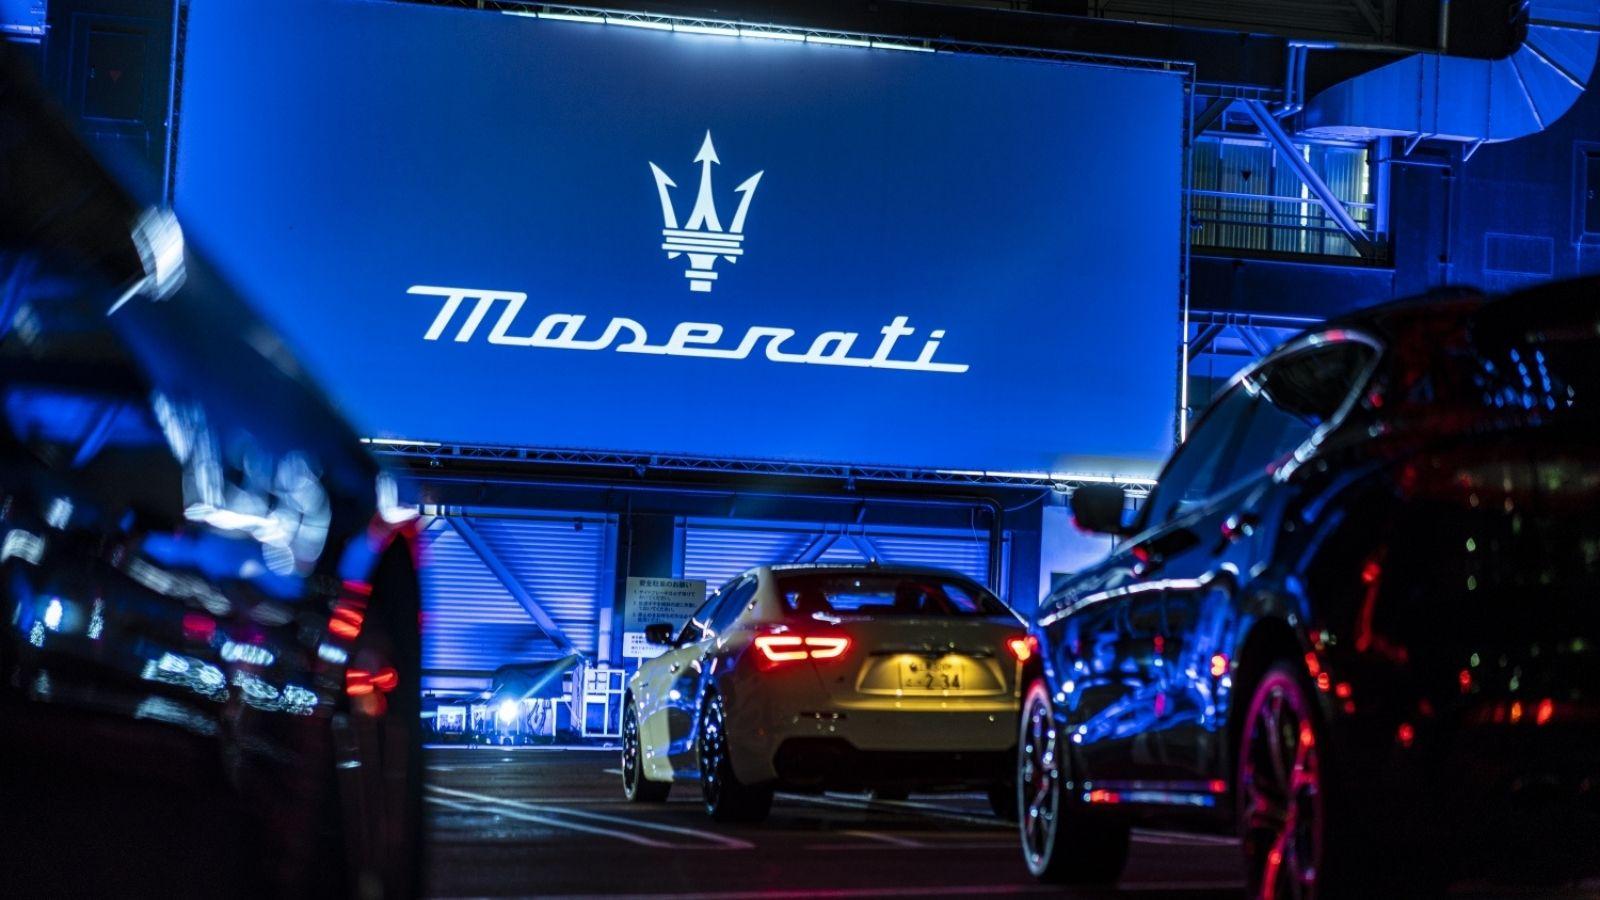 Maserati rozstrzygnęło przetarg! Przetargi ZDJĘCIE GLÓWNE1